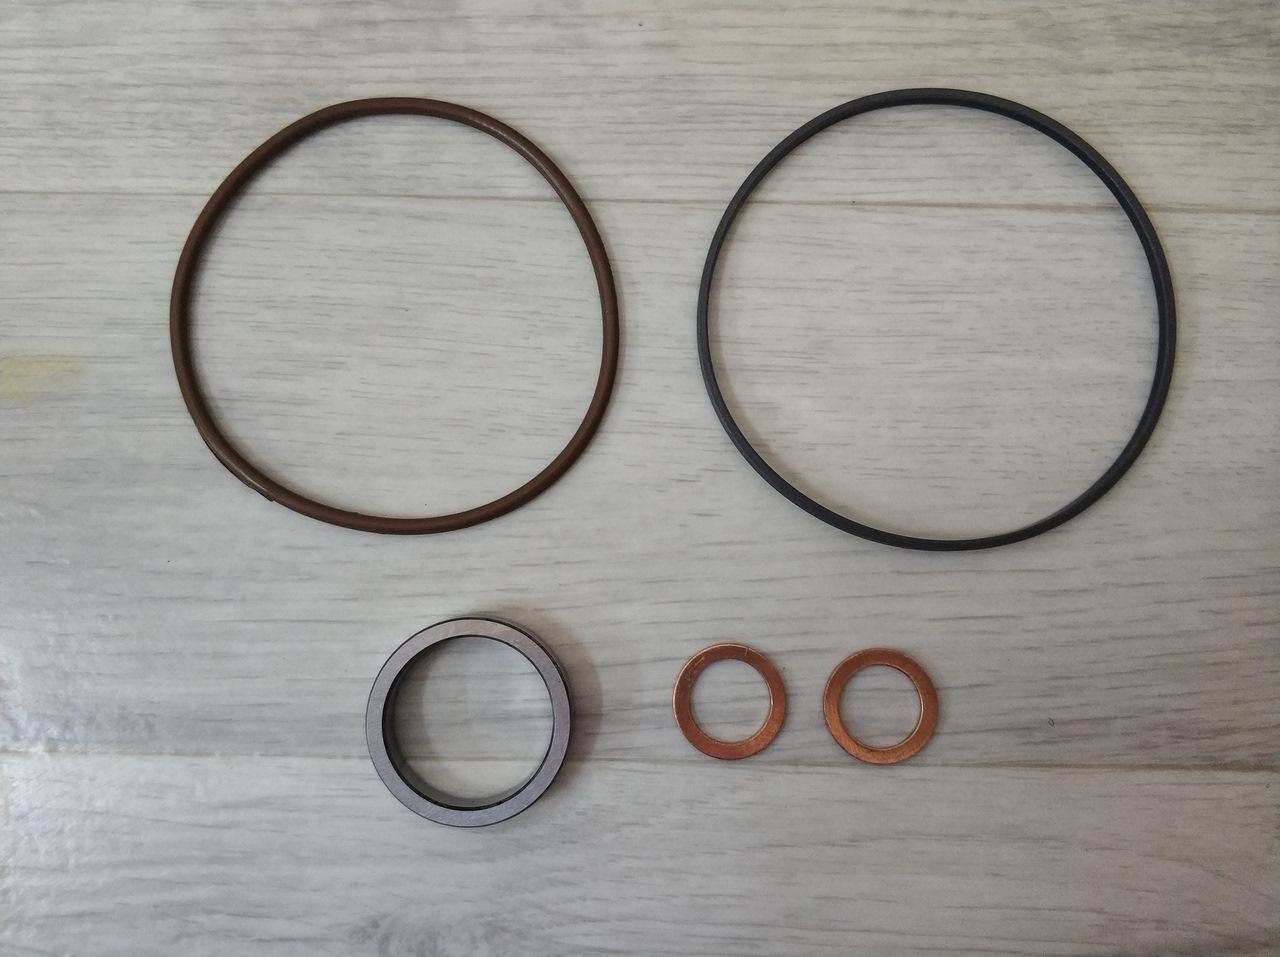 Ремкомплект одинарного Ваноса (Single Vanos) М50TU, М52, S50